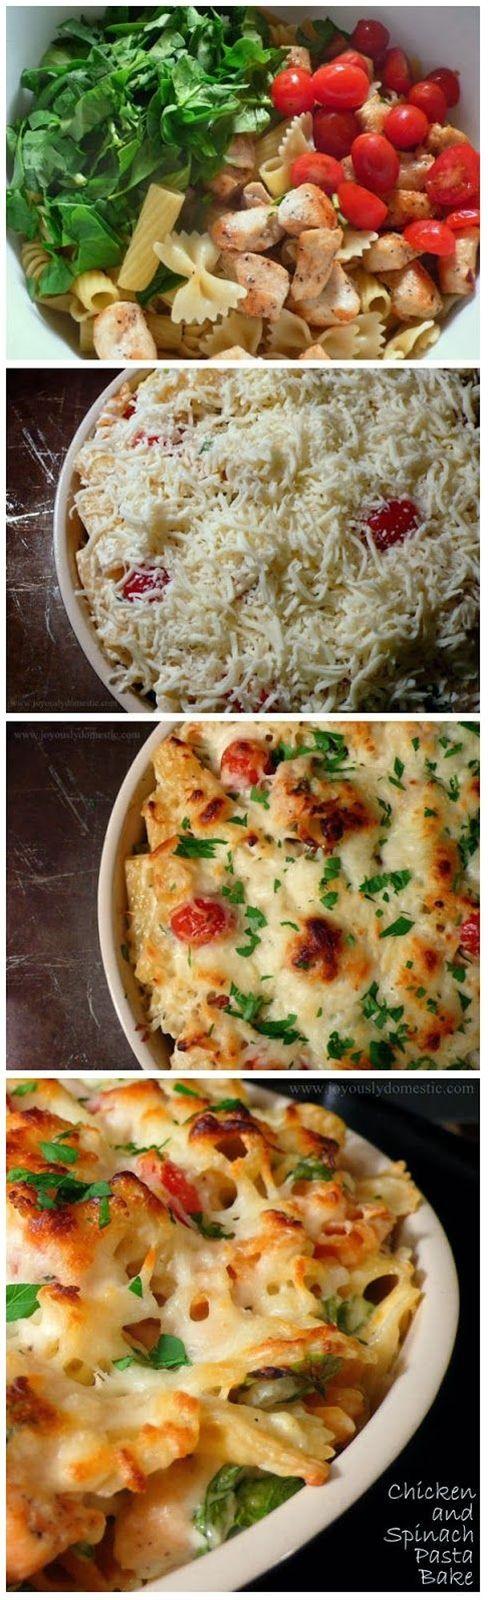 Chicken+and+Spinach+Pasta+Bake